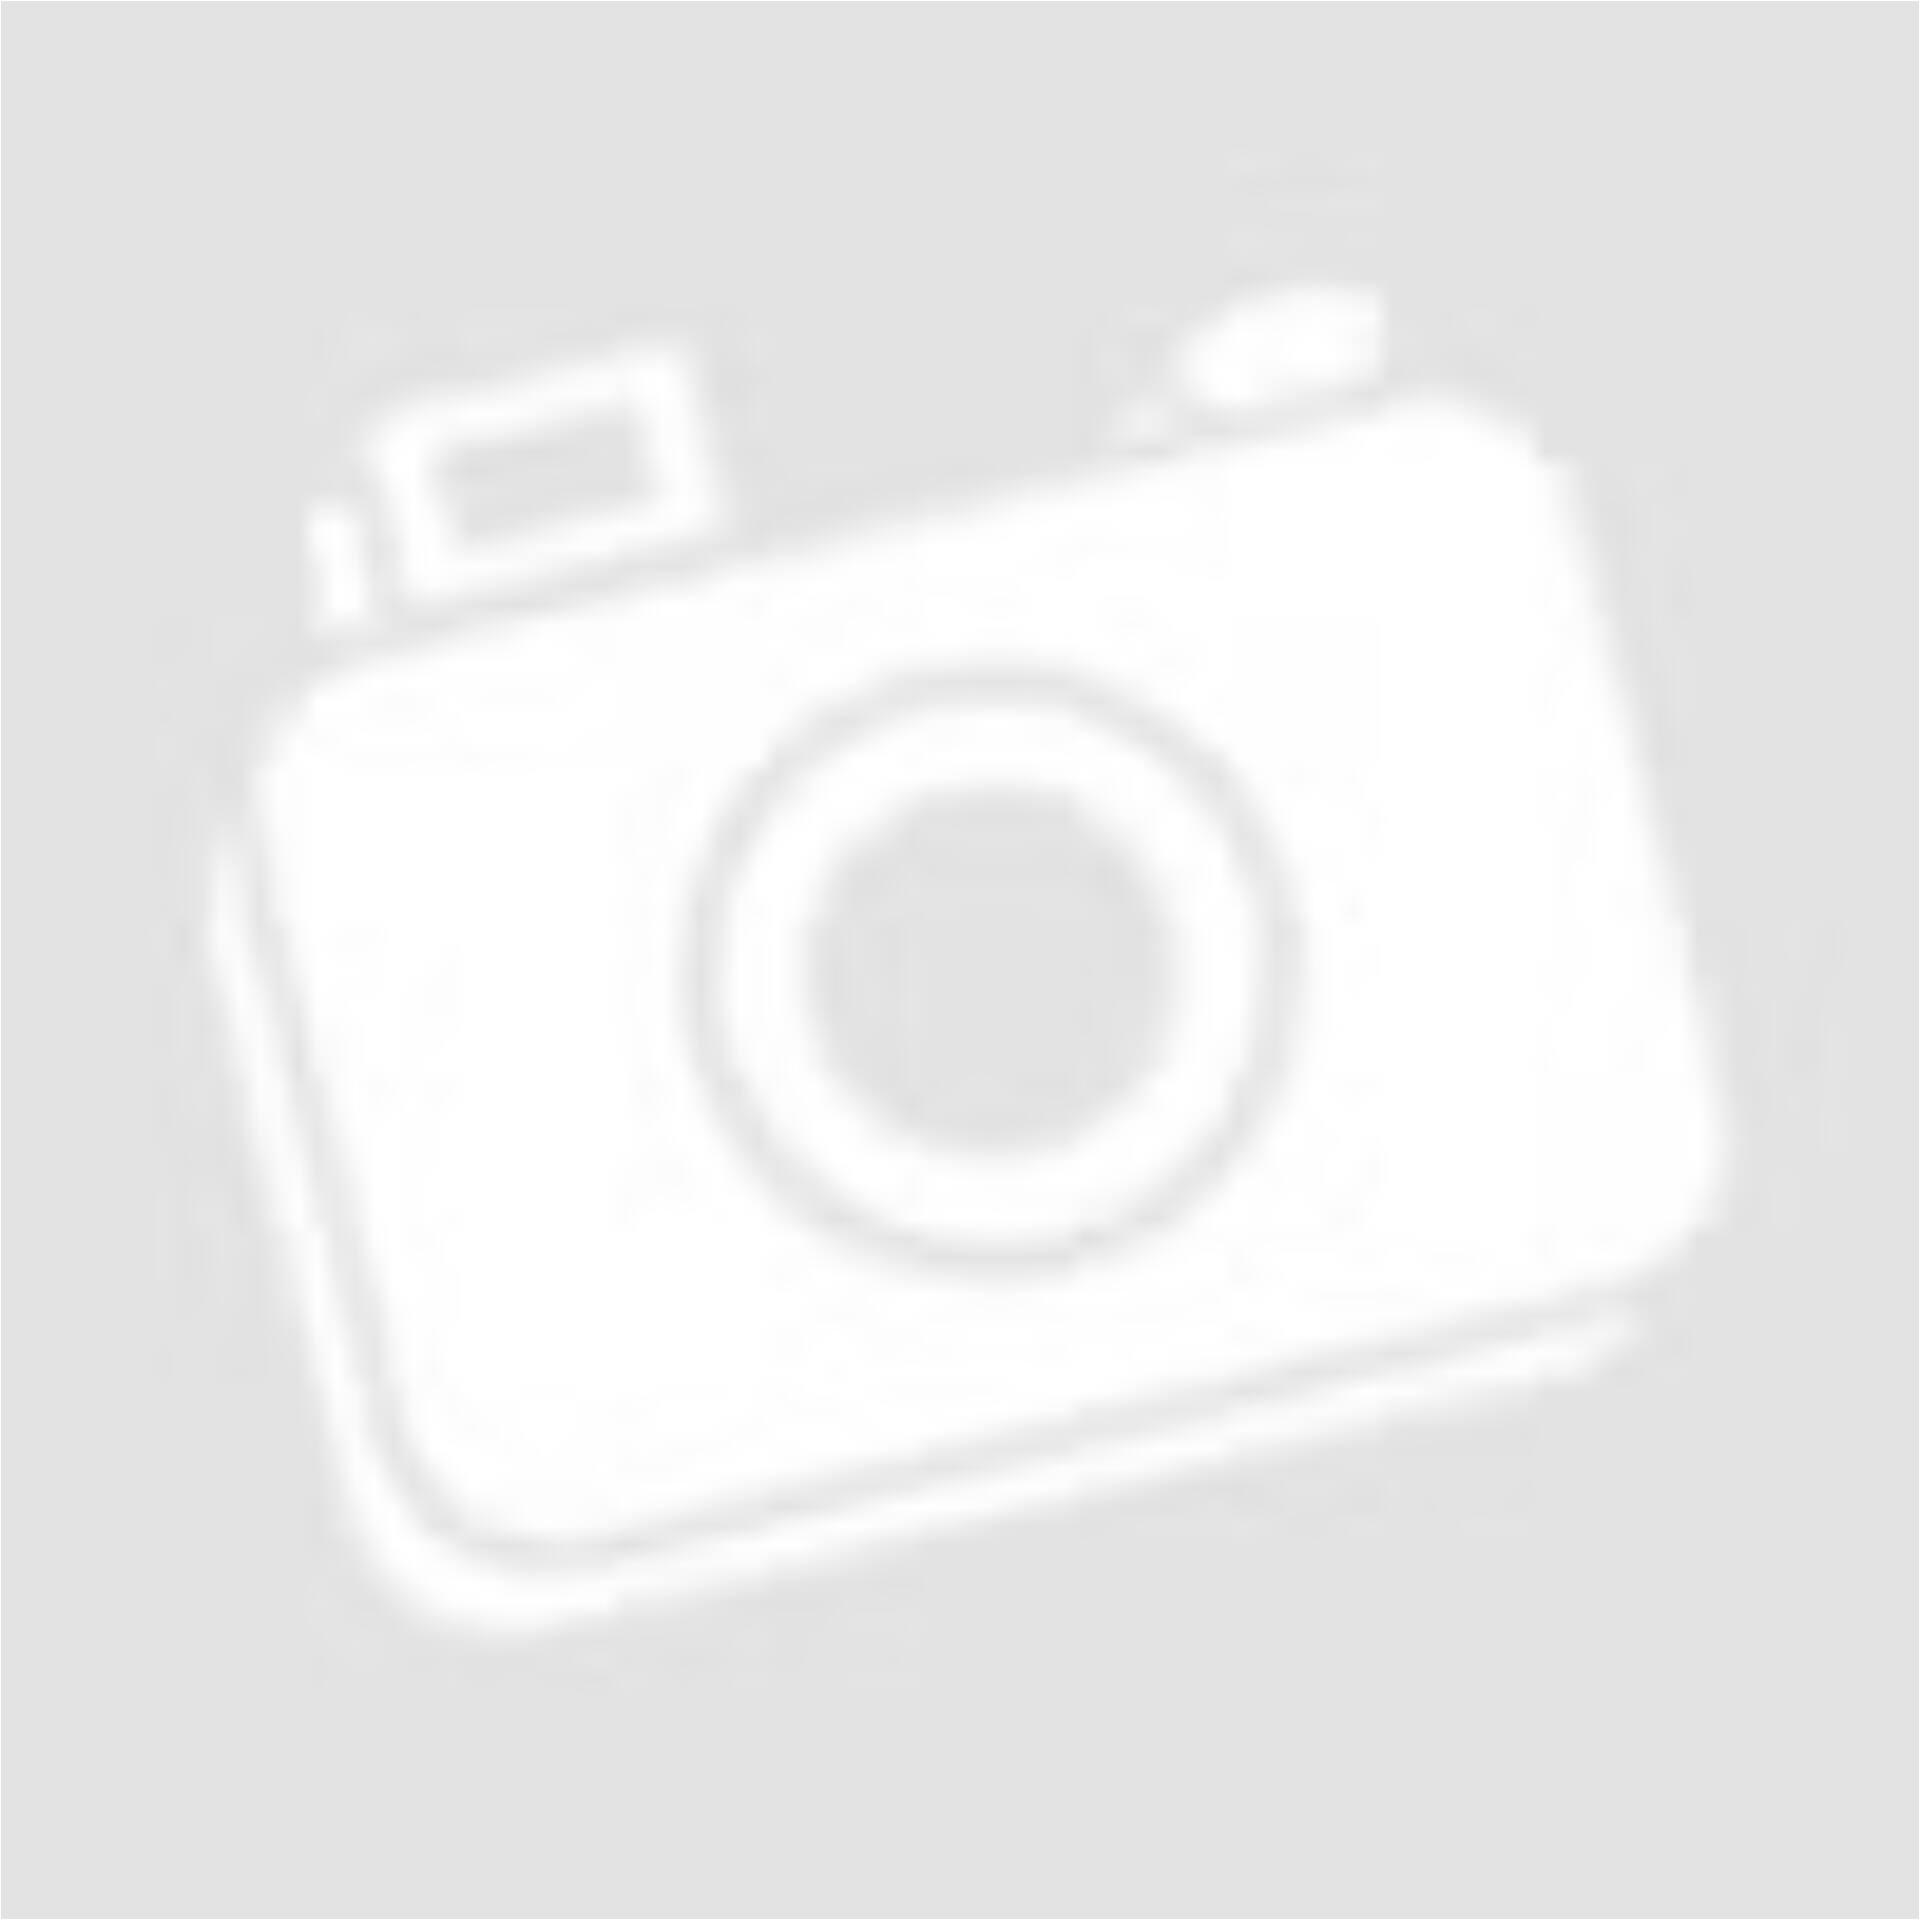 21fd6aa18c NO FEAR fekete, színes egyedi póló (Méret: XL) - Póló, trikó ...